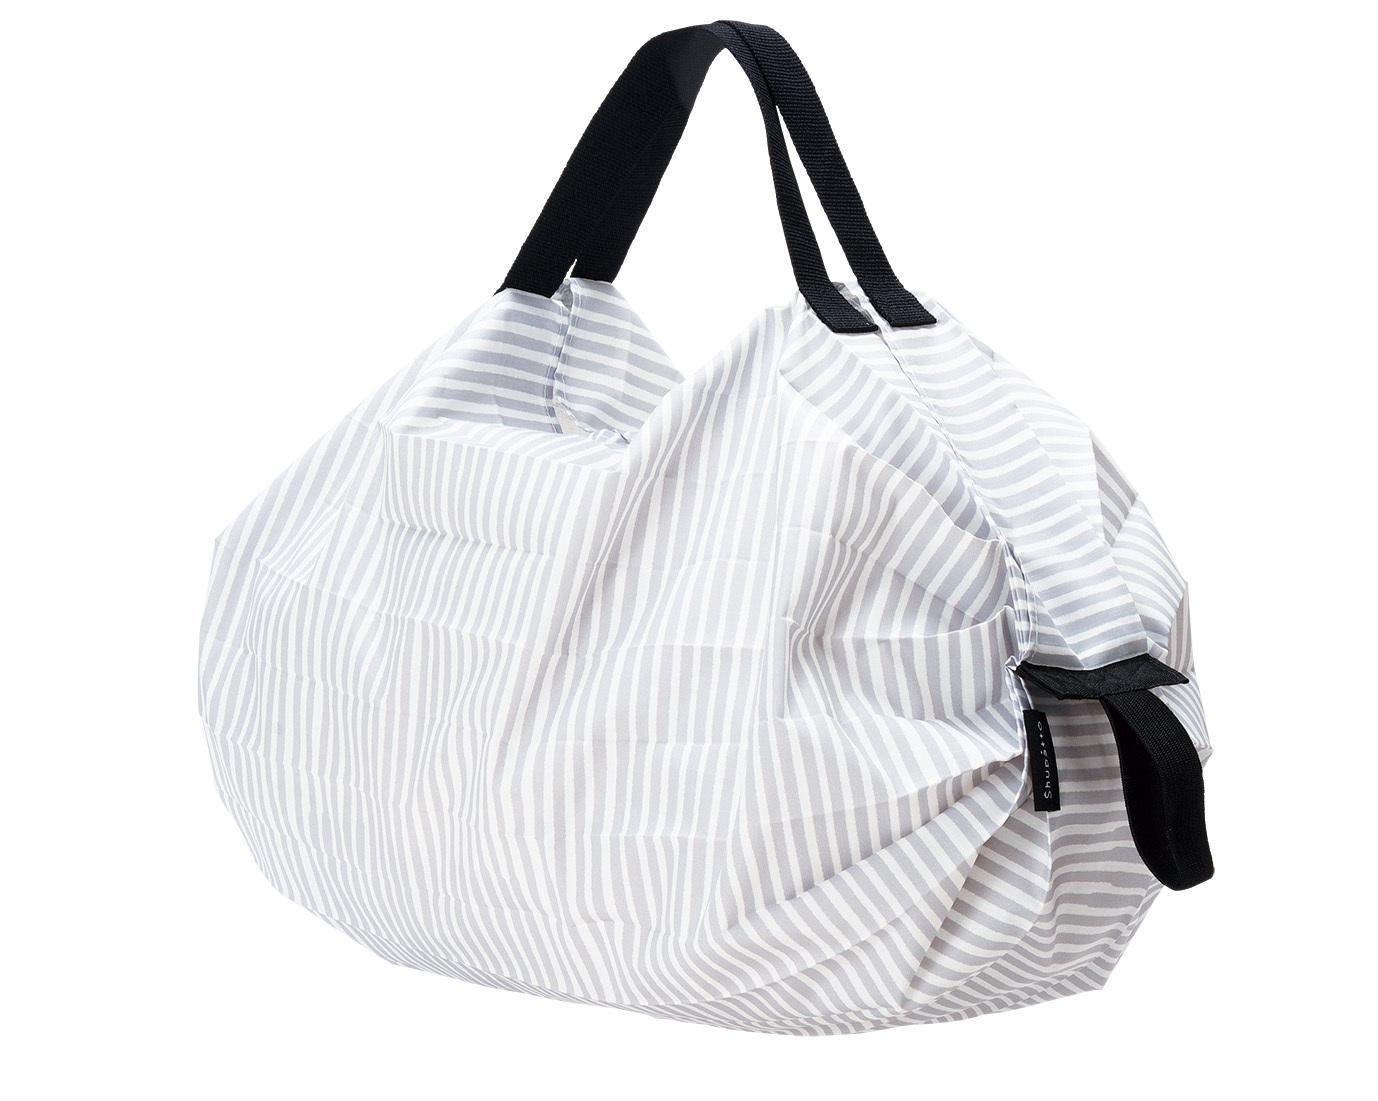 SEN (Stripe), Weiss, Grösse S - gefaltet 4x6 cm, 7